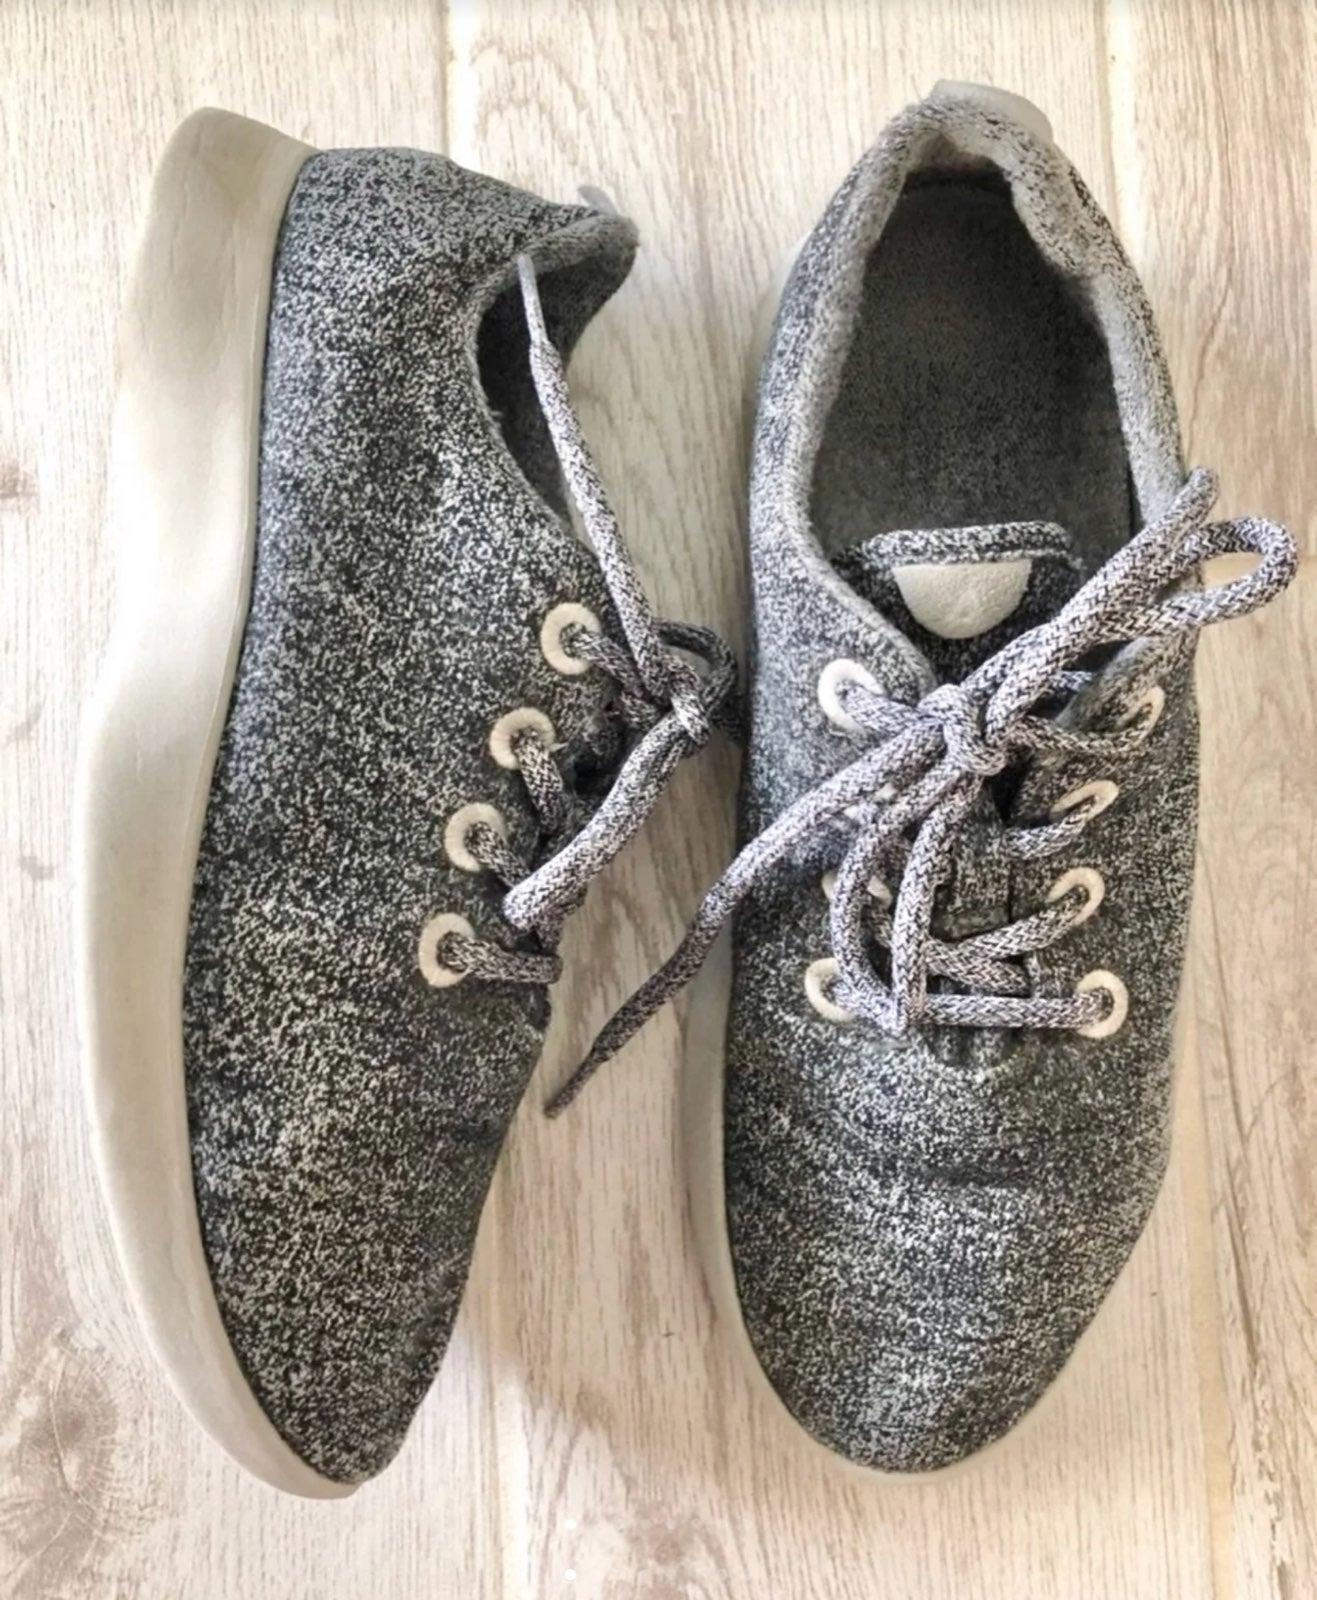 Allbirds Wool Runners sneakers Gray 8